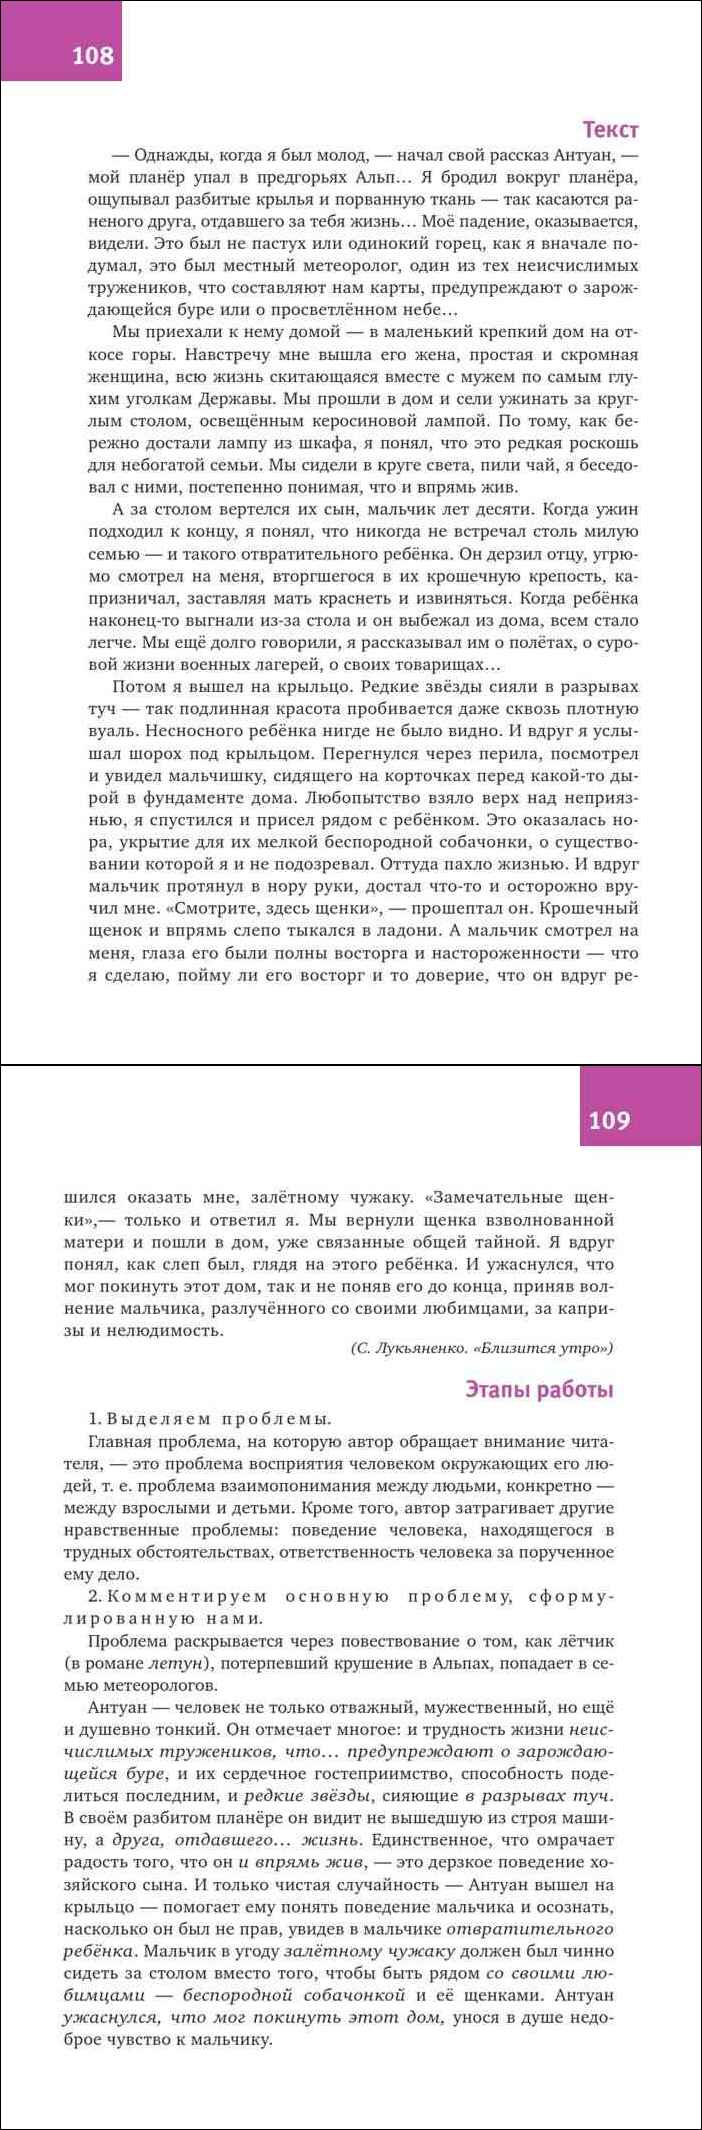 Современный ребенок энциклопедия взаимопонимания читать онлайн